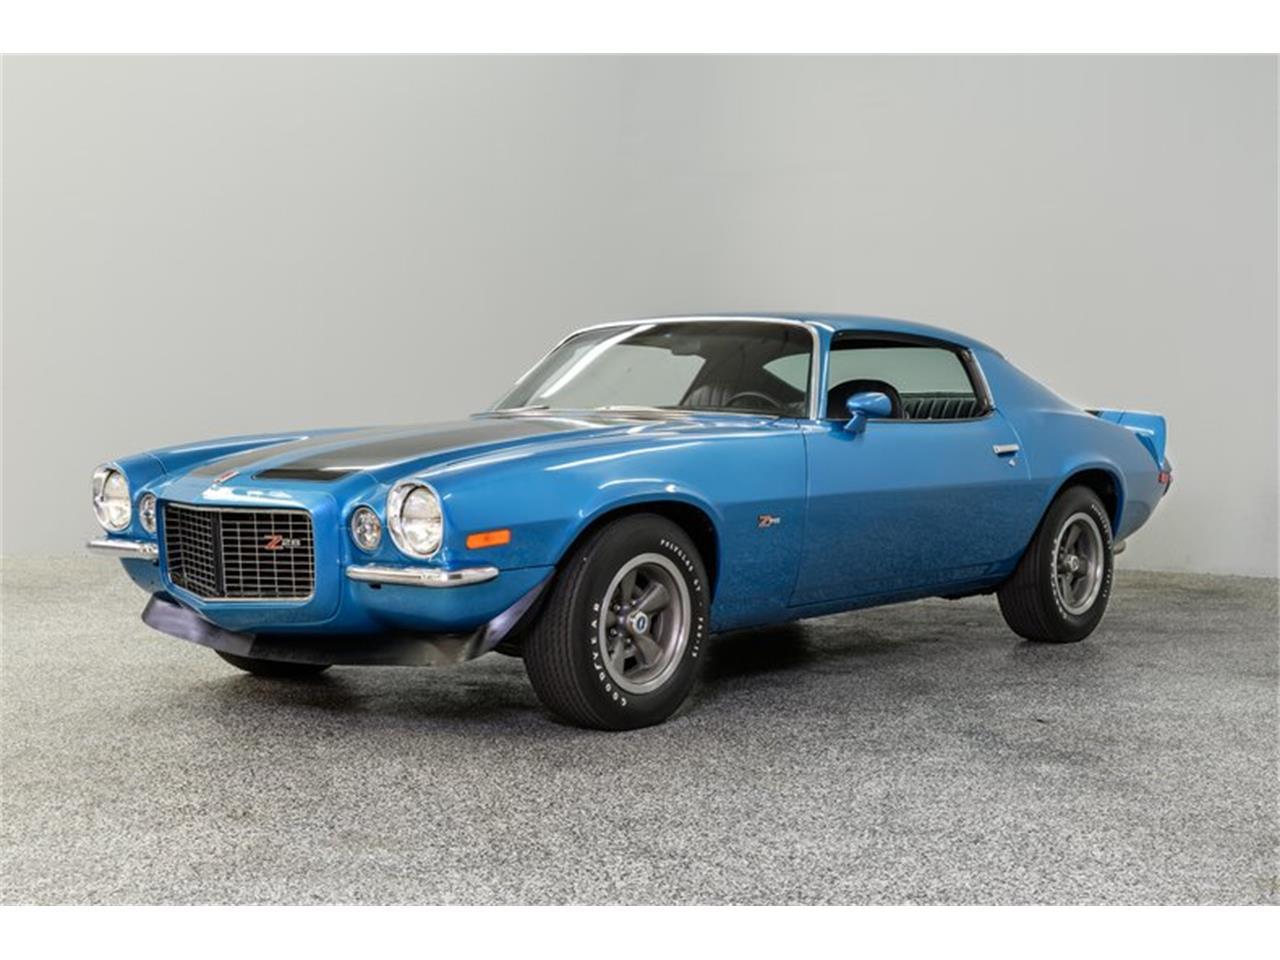 For Sale: 1971 Chevrolet Camaro in Concord, North Carolina